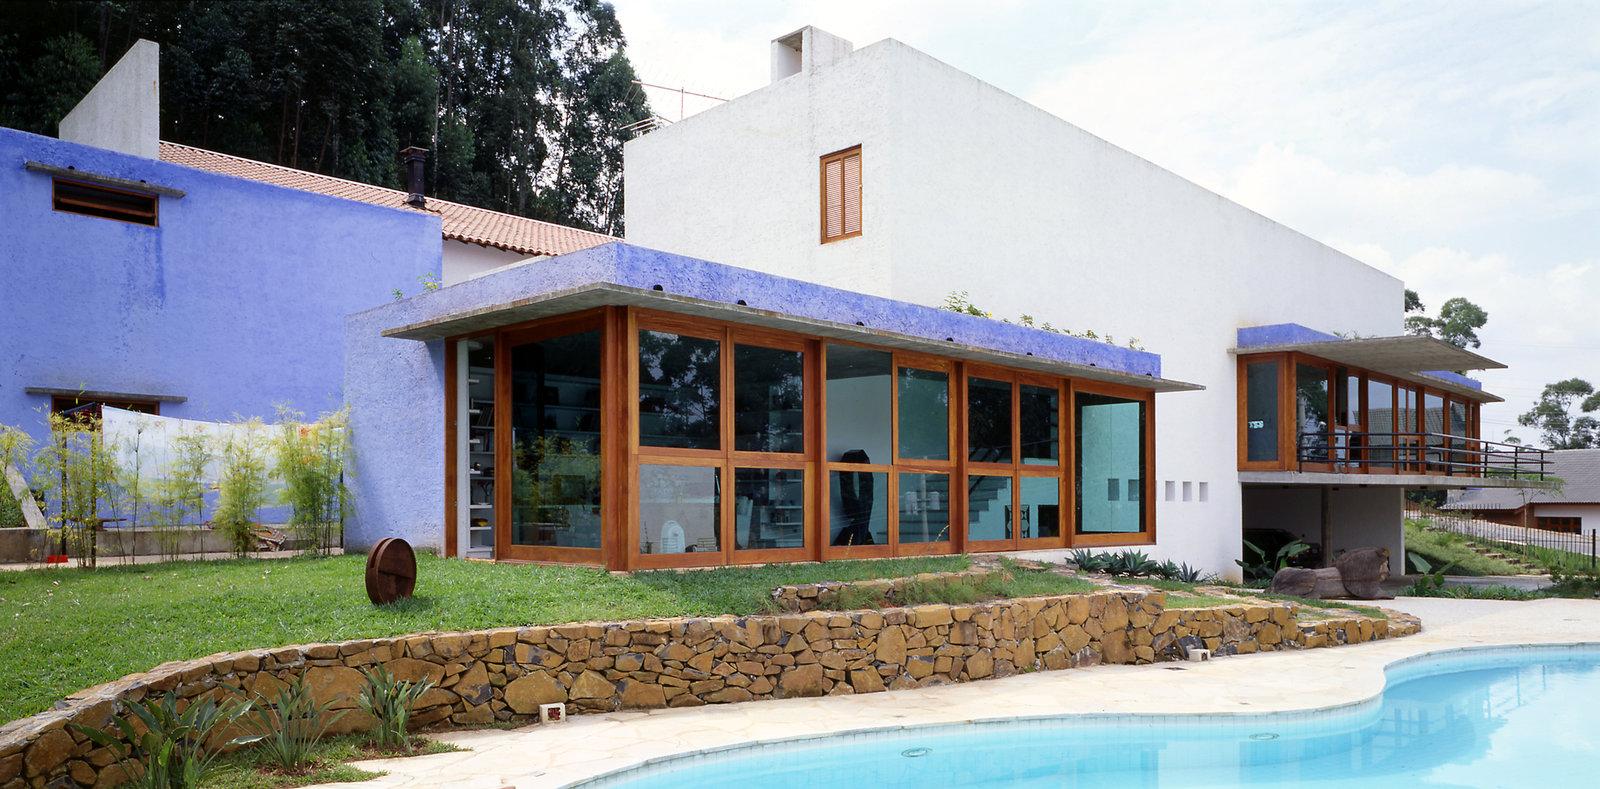 Imagens de #2682A5 brasil arquitetura / projeto / casa tamboré 1600x789 px 3408 Bloco Cad Banheiro Vista Frontal